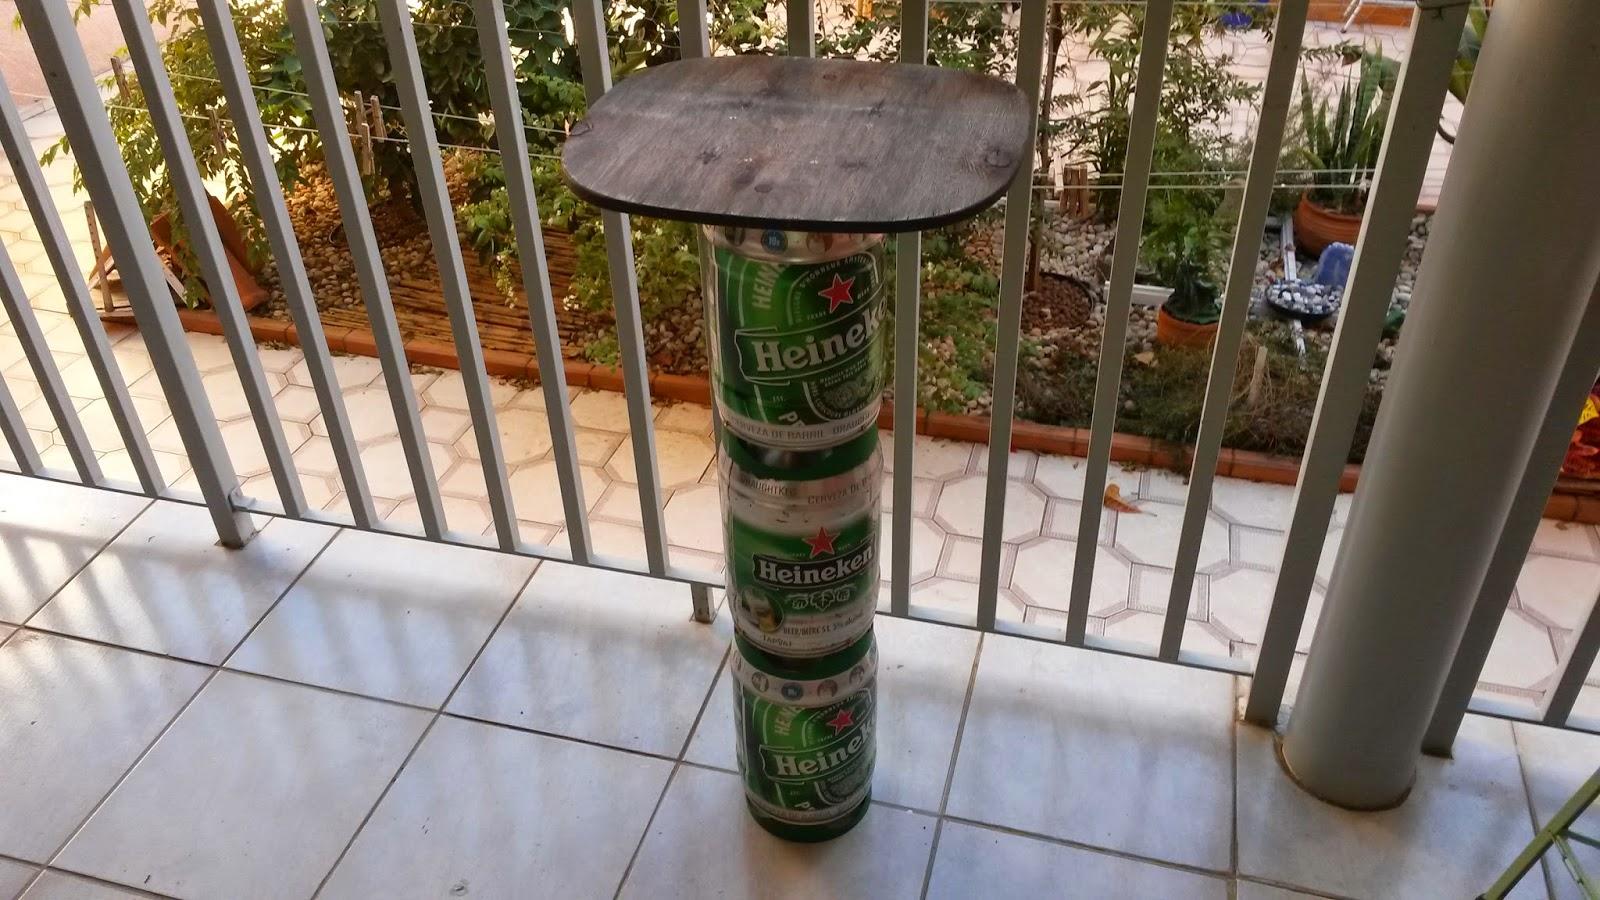 Oficina do quintal como fazer uma mesa alta para bar - Mesas altas para bar ...